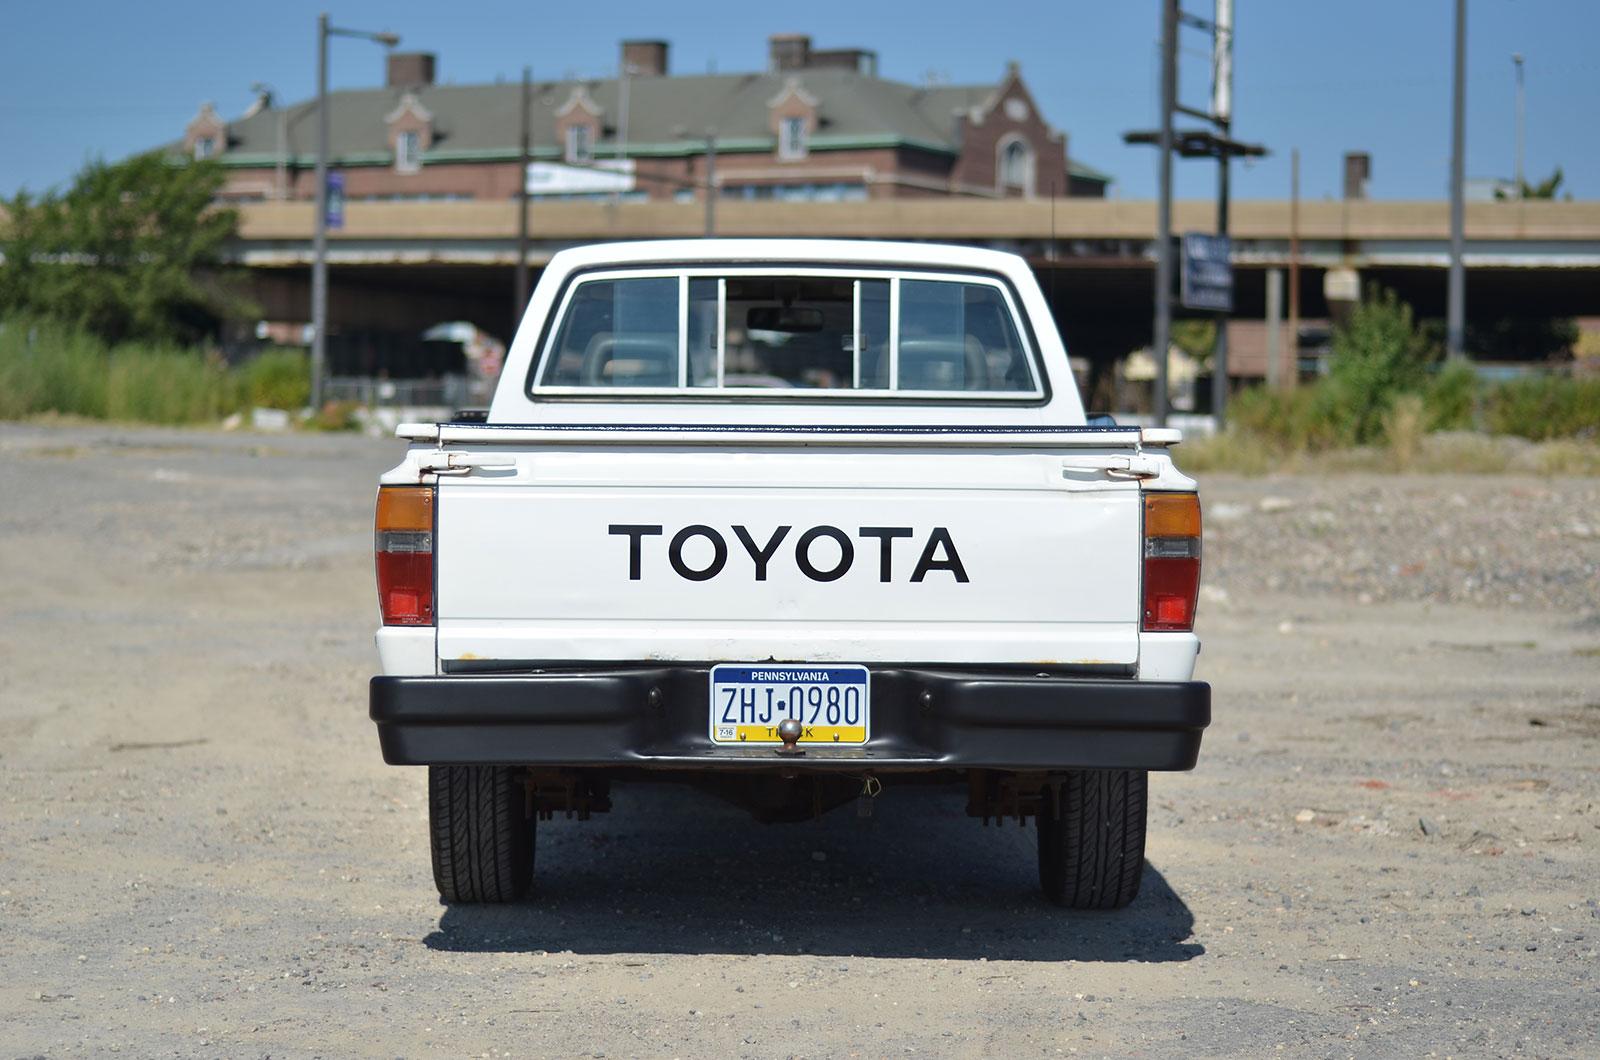 Turd In Hire Car